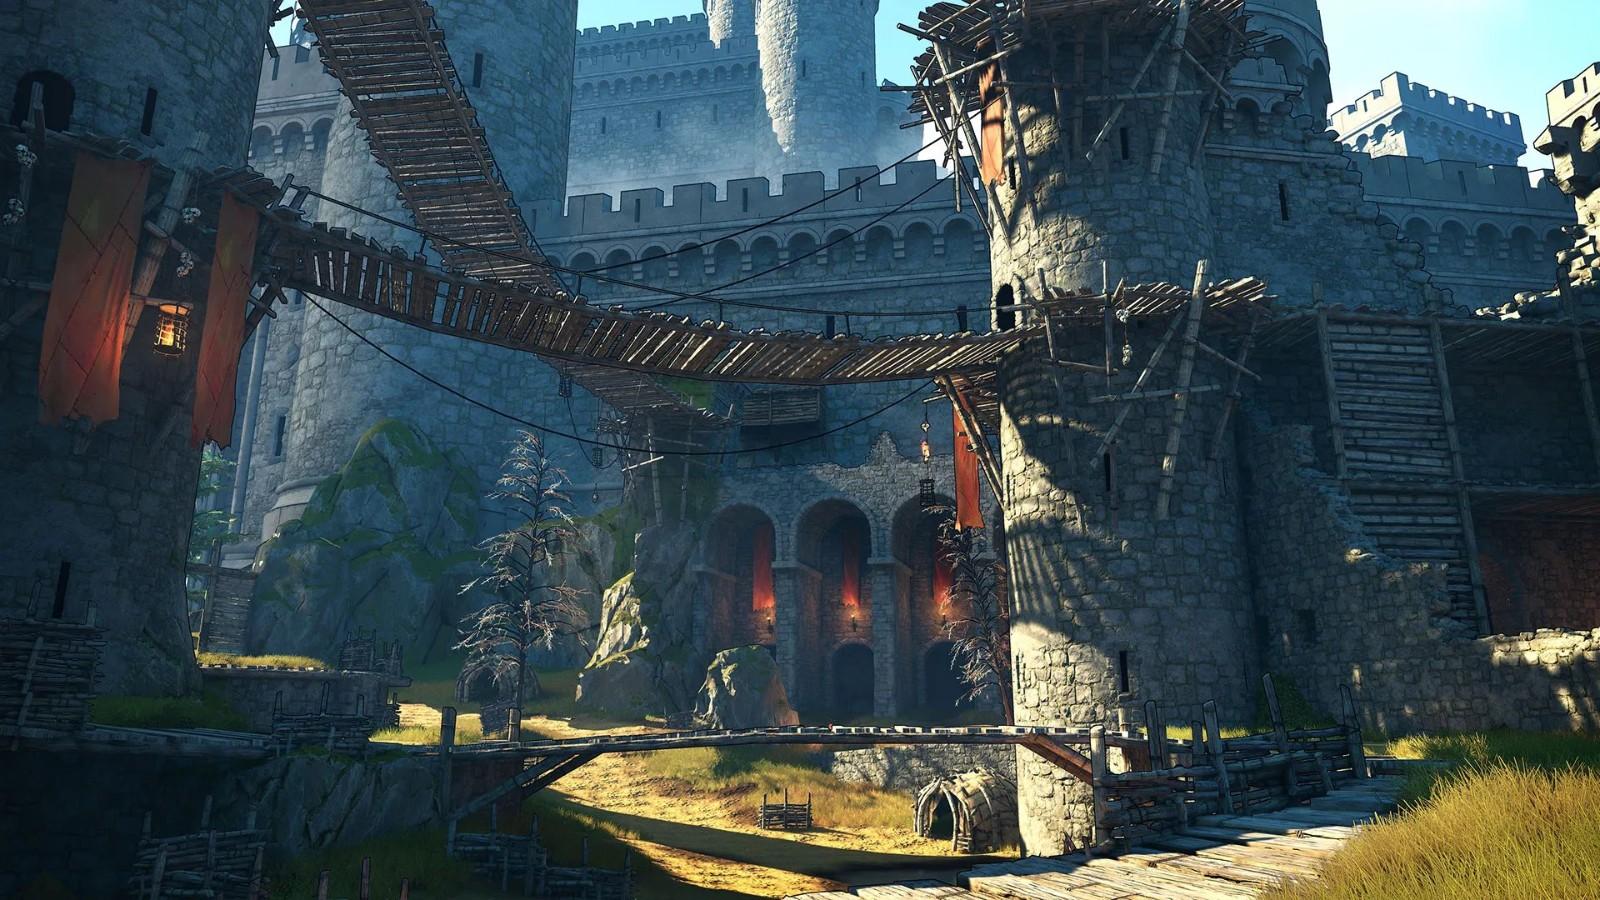 《小缇娜的奇幻之地》新截图公布 龙领主登场